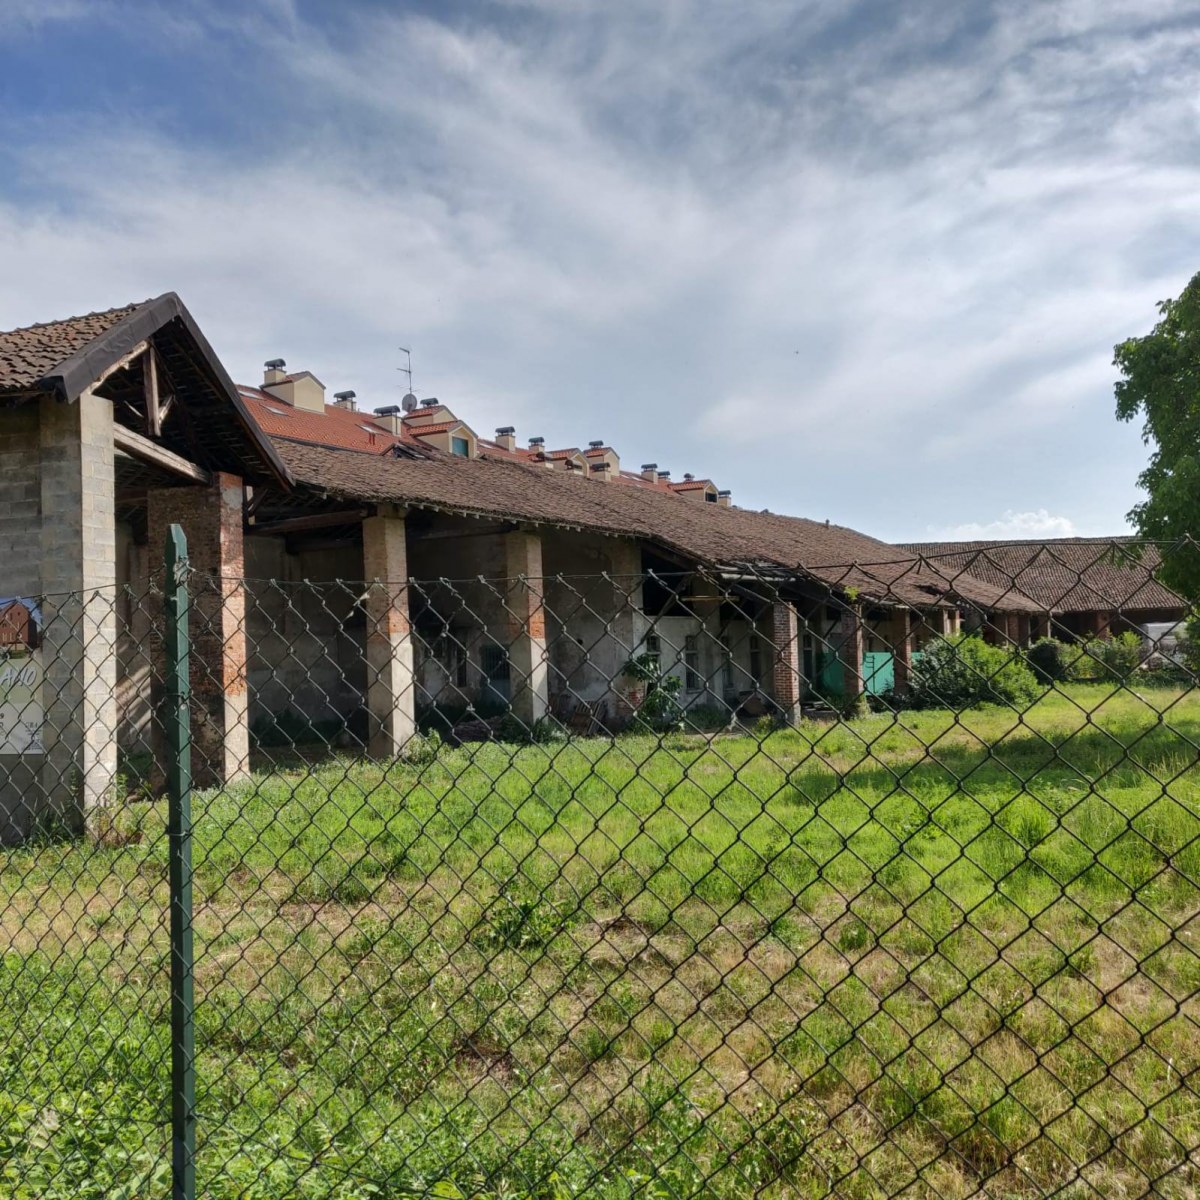 cantiere-muggiano-nuova-costruzione-bilocale-3-locali-2-locali-spaziourbano-immobiliare-vende-3